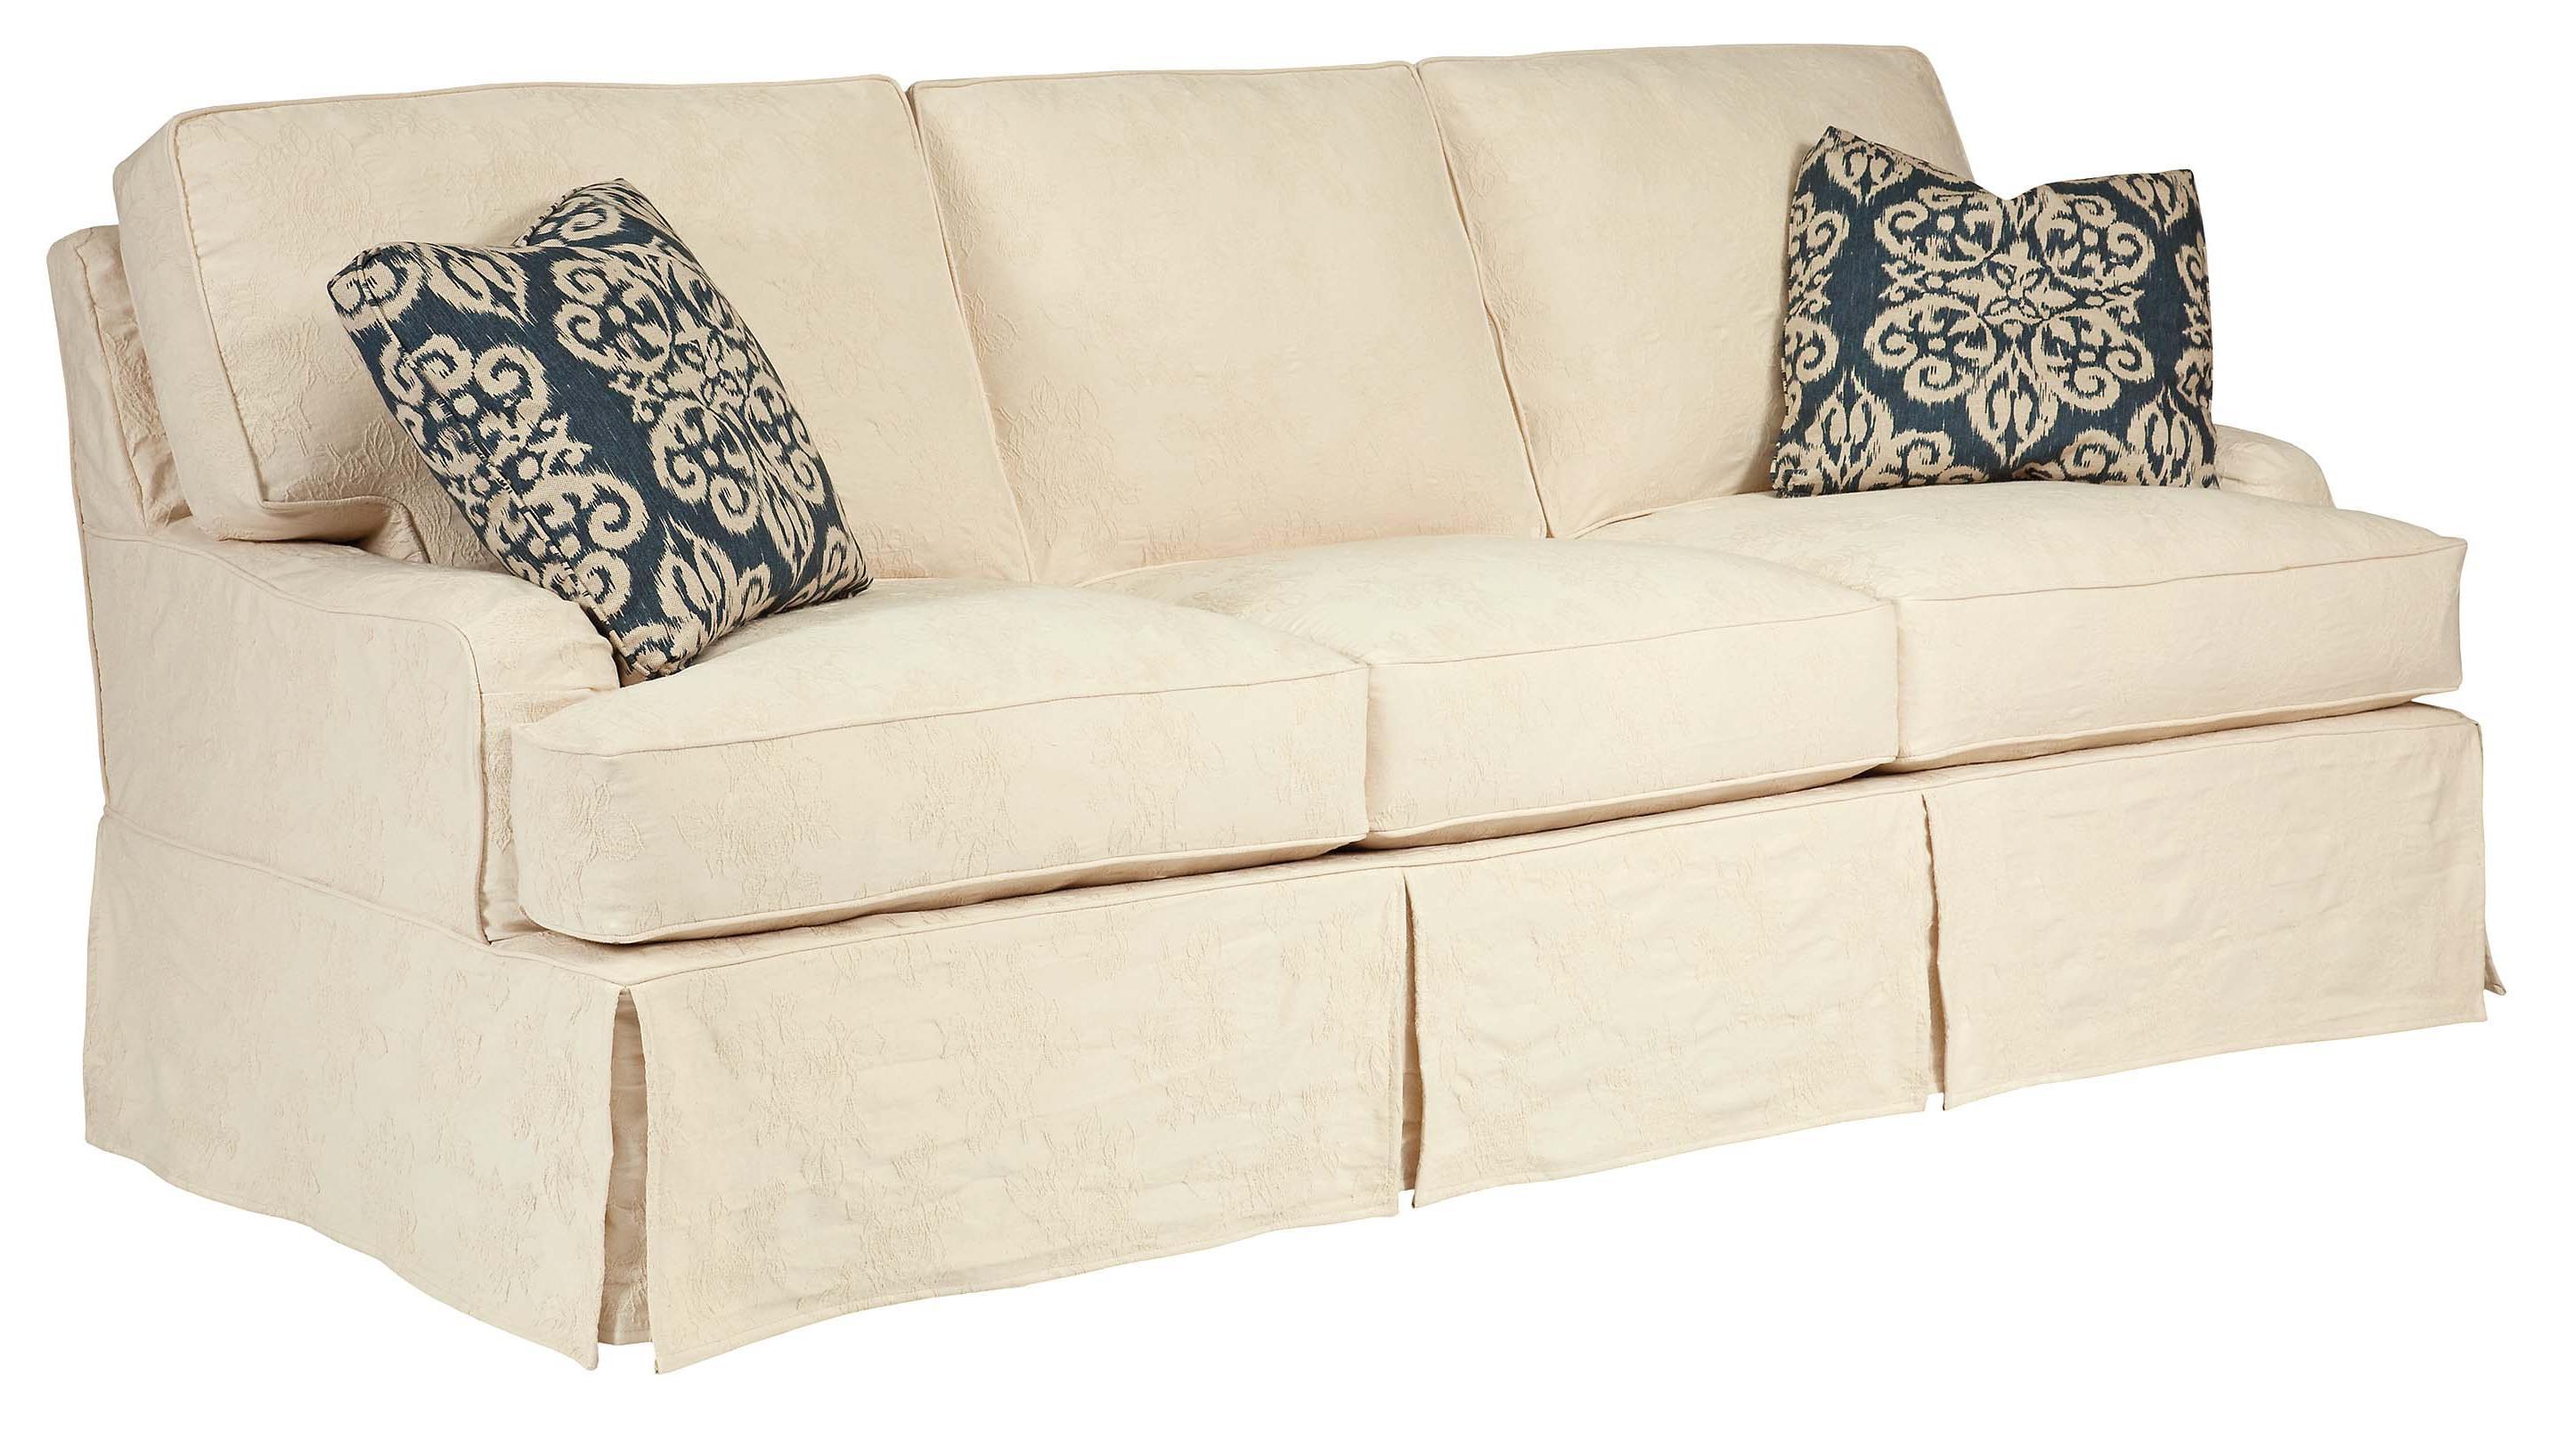 Kincaid Furniture Homecoming Simone Slipcover Sofa | Howell ...